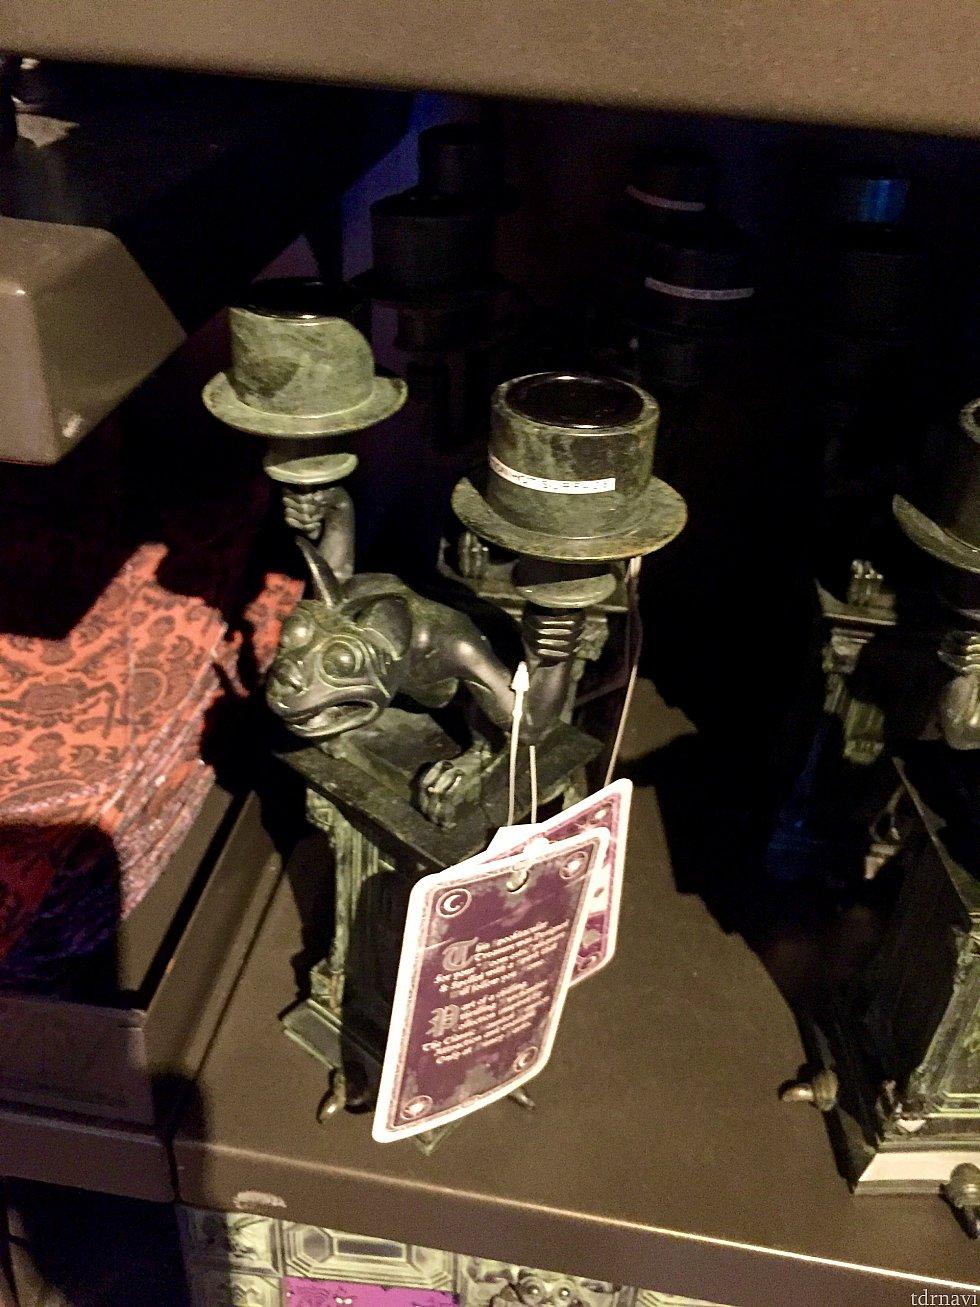 キャンドルホルダー。これが誰かの家にあって、暗い中キャンドルが灯ってたらちょっと引きます。(笑) お値段$44.99